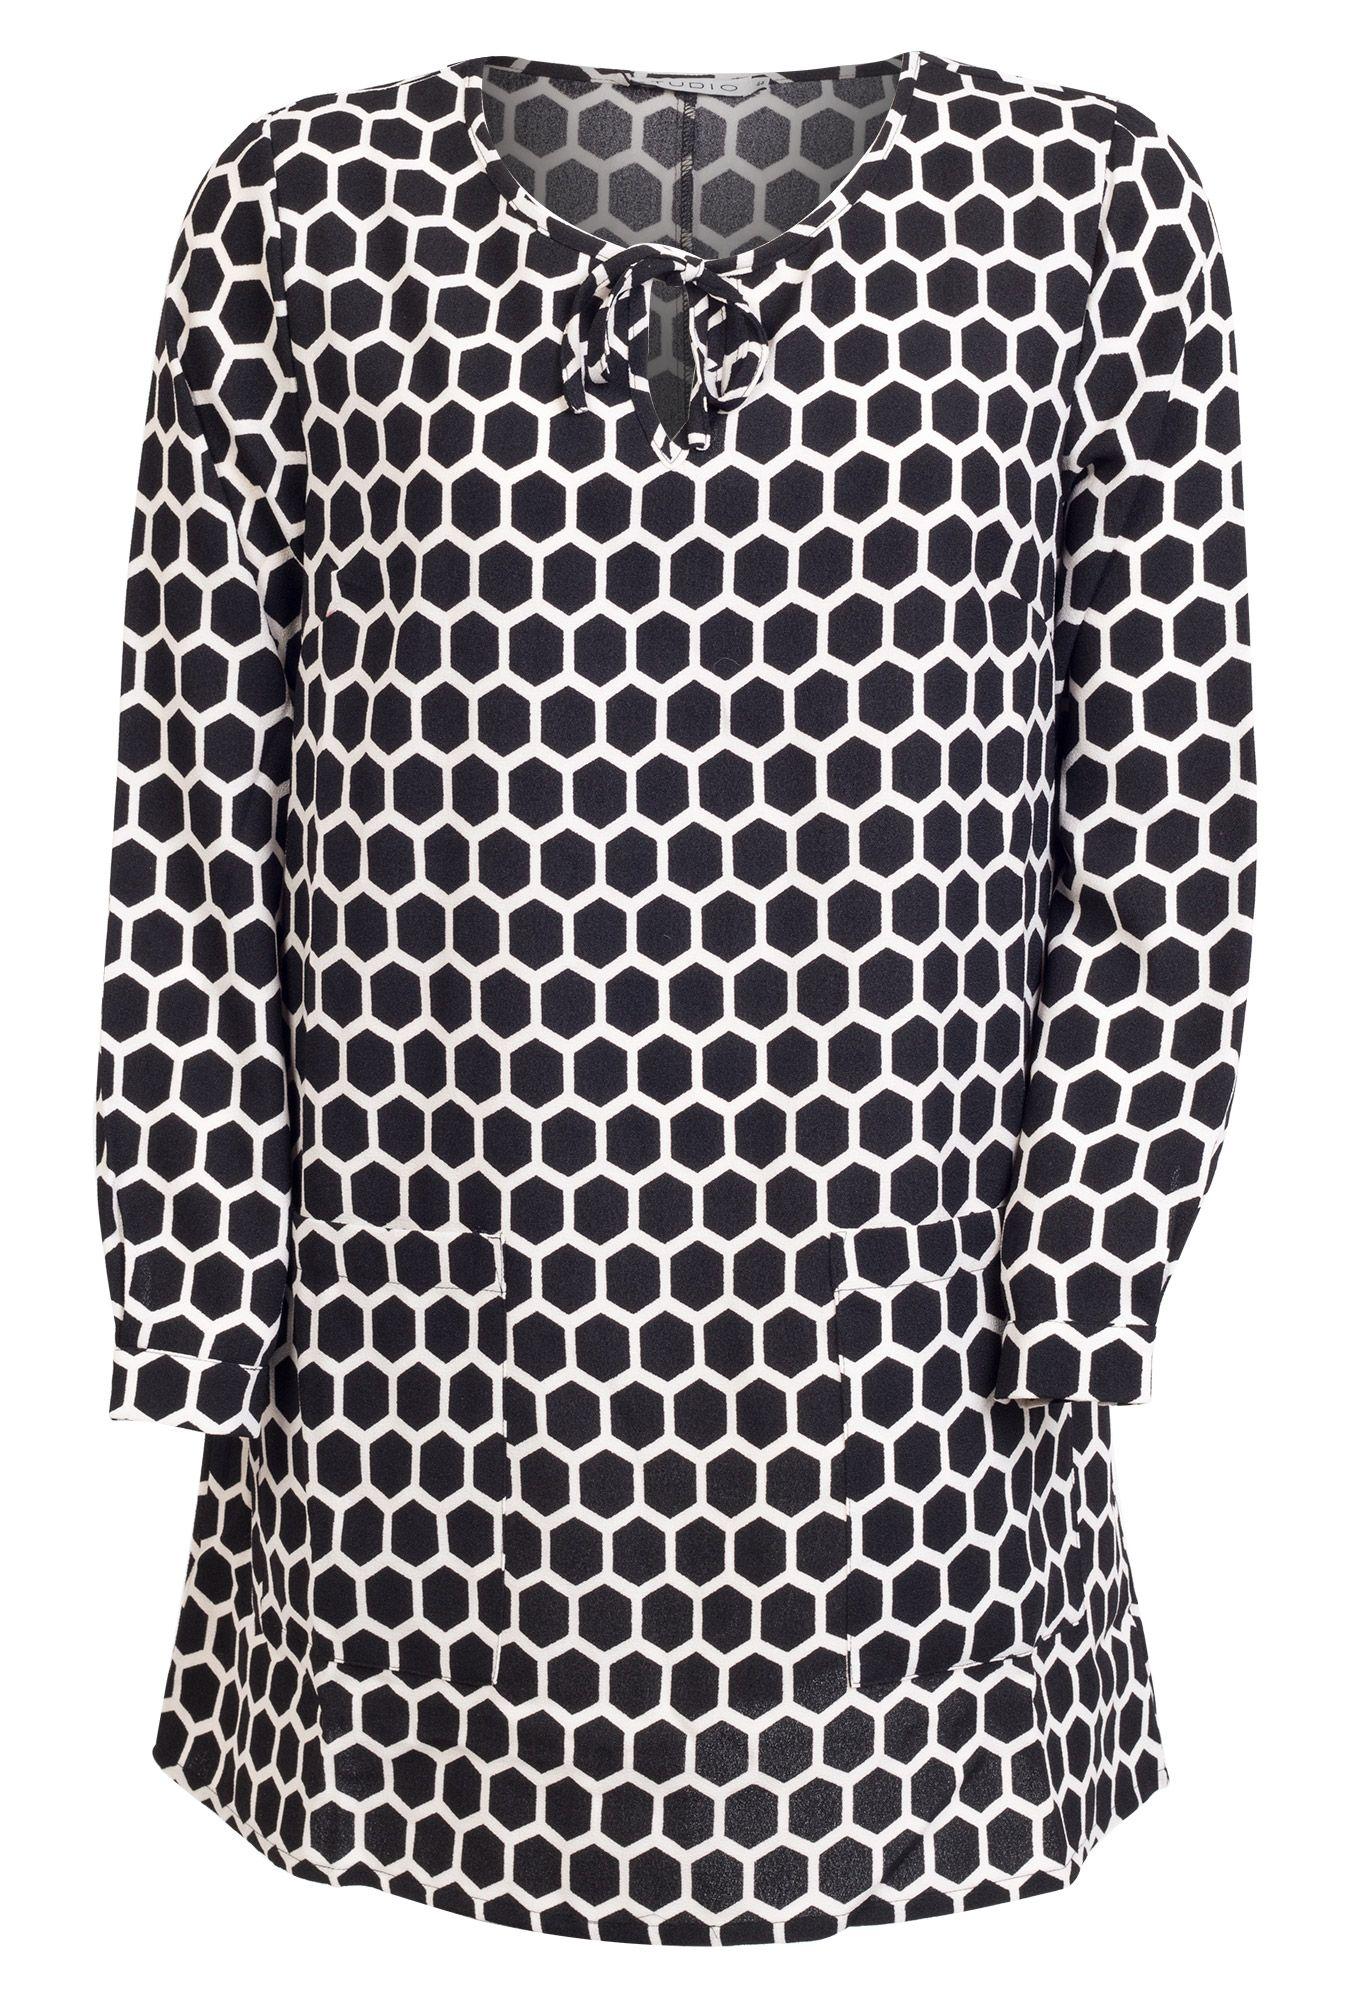 Mega fede Sort og hvid mønstret kjole Studio Modetøj til Damer til enhver anledning